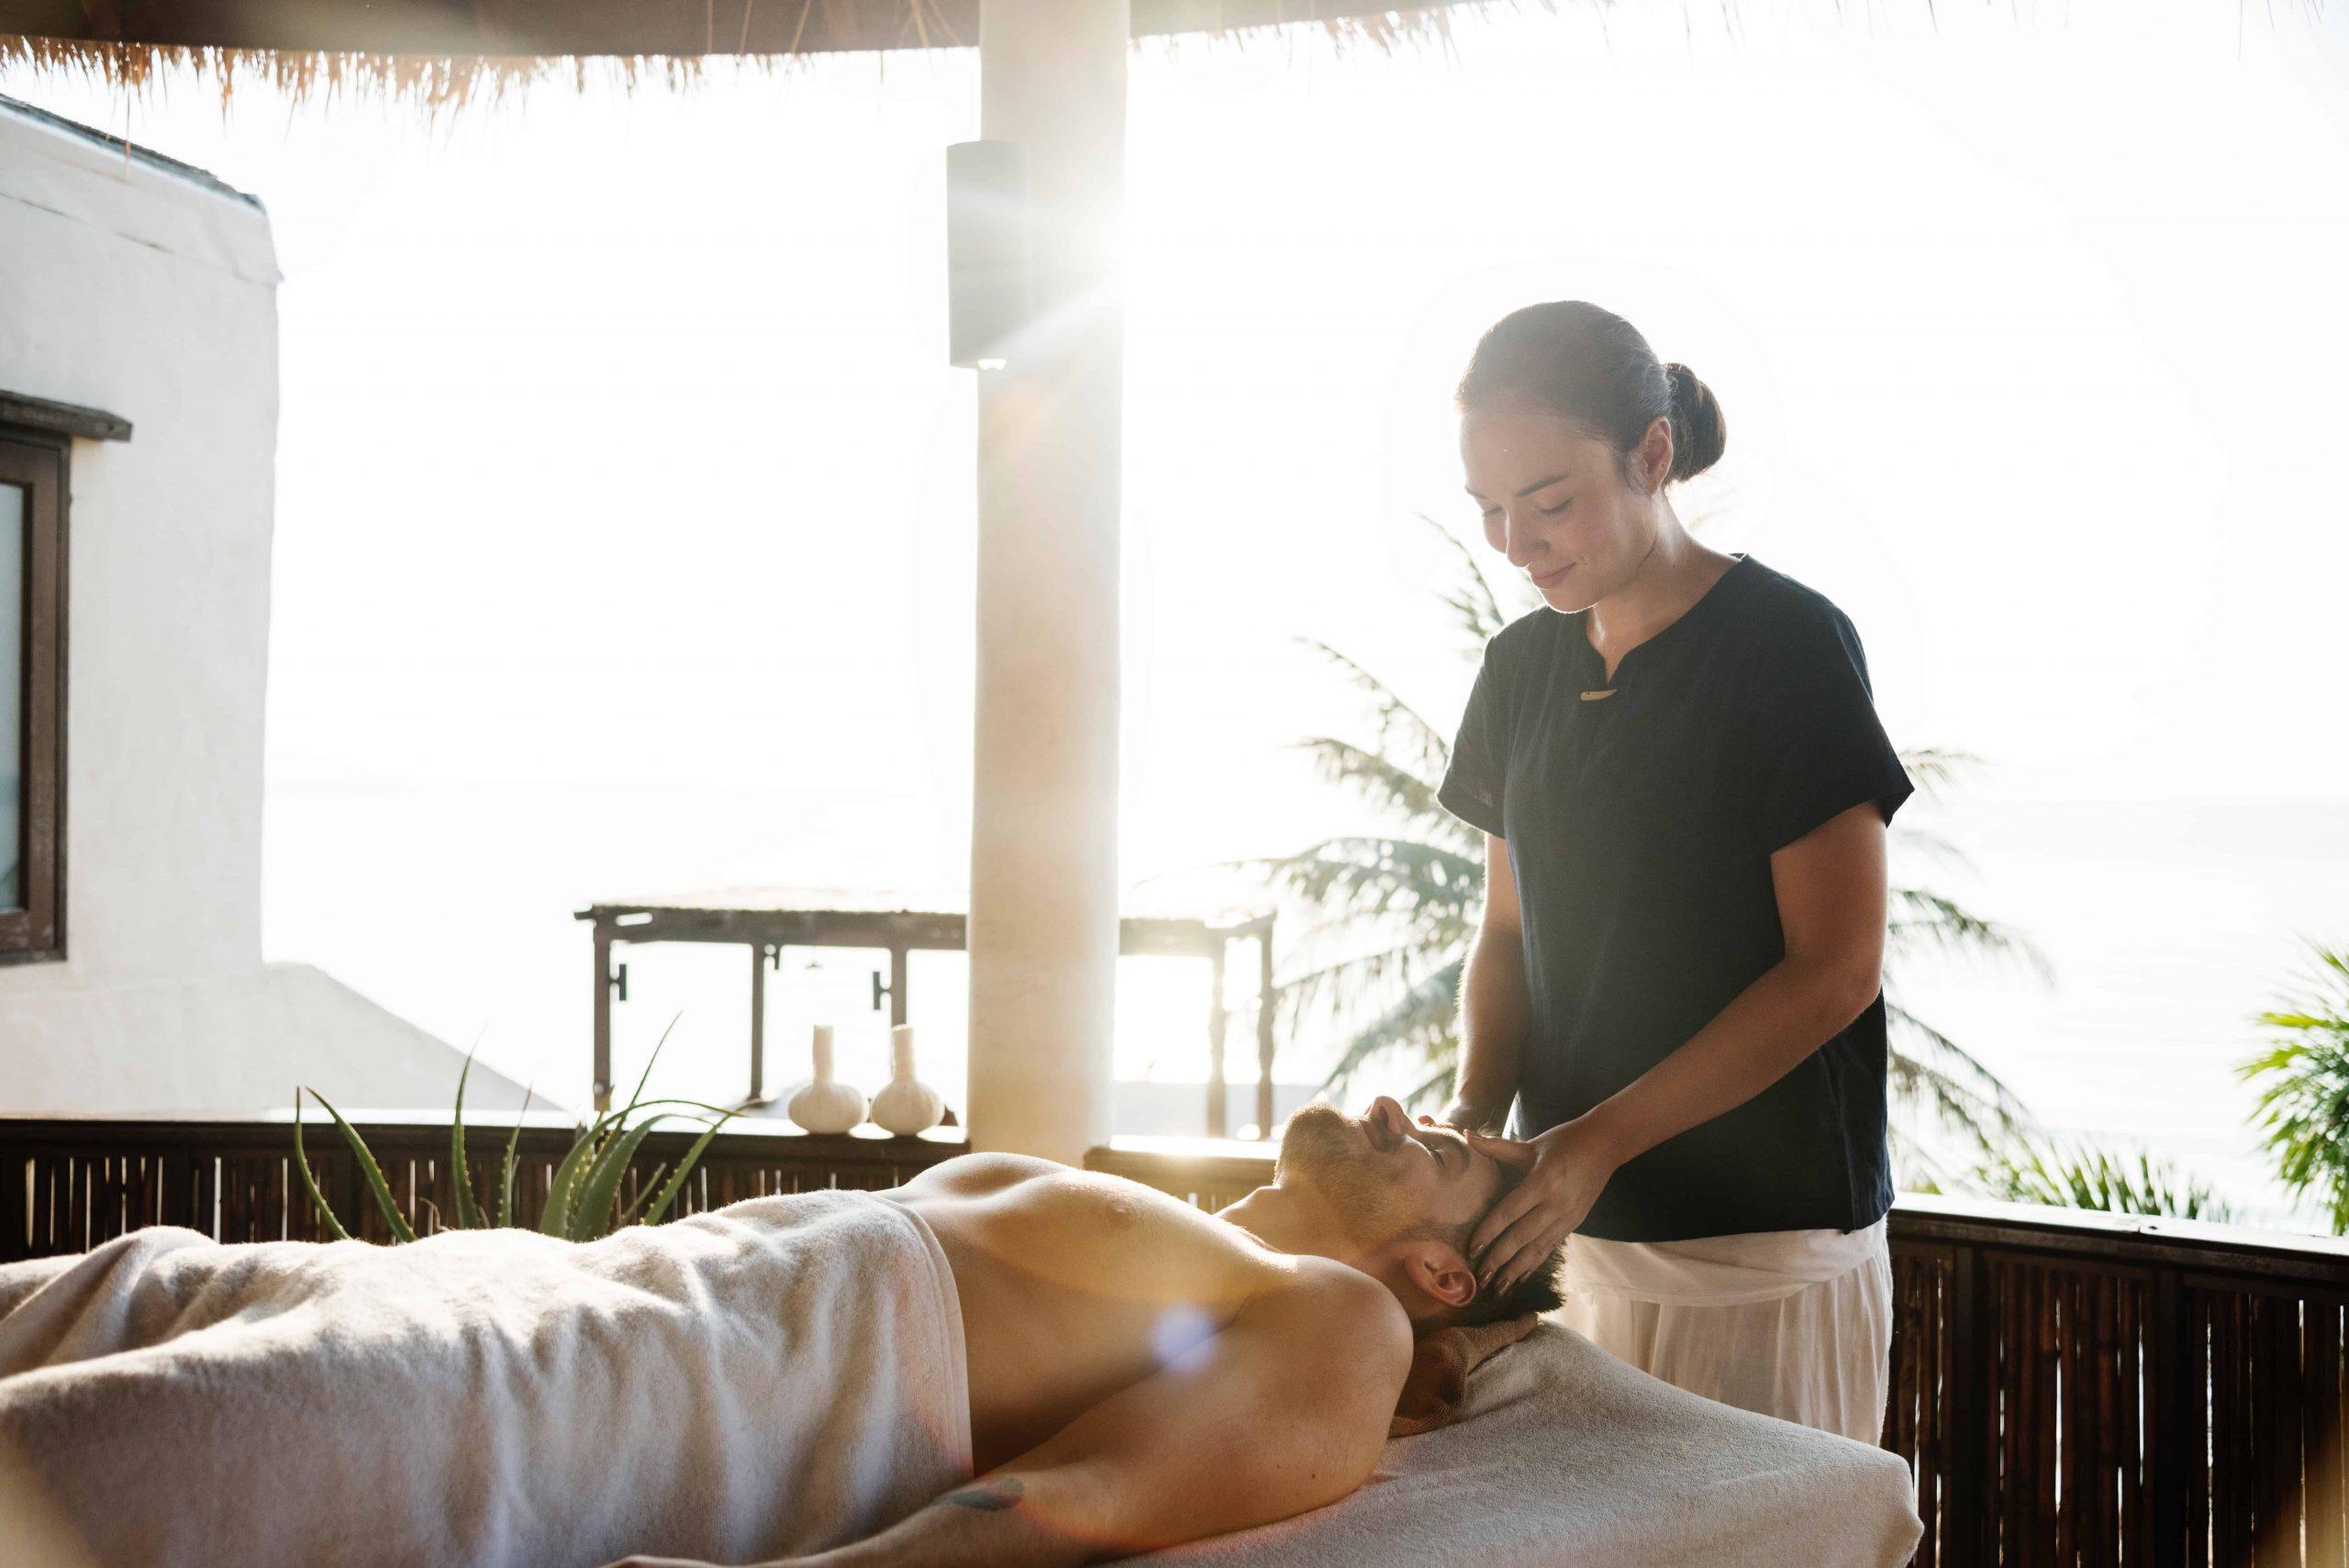 Massageauflage: Test & Empfehlungen (07/20)